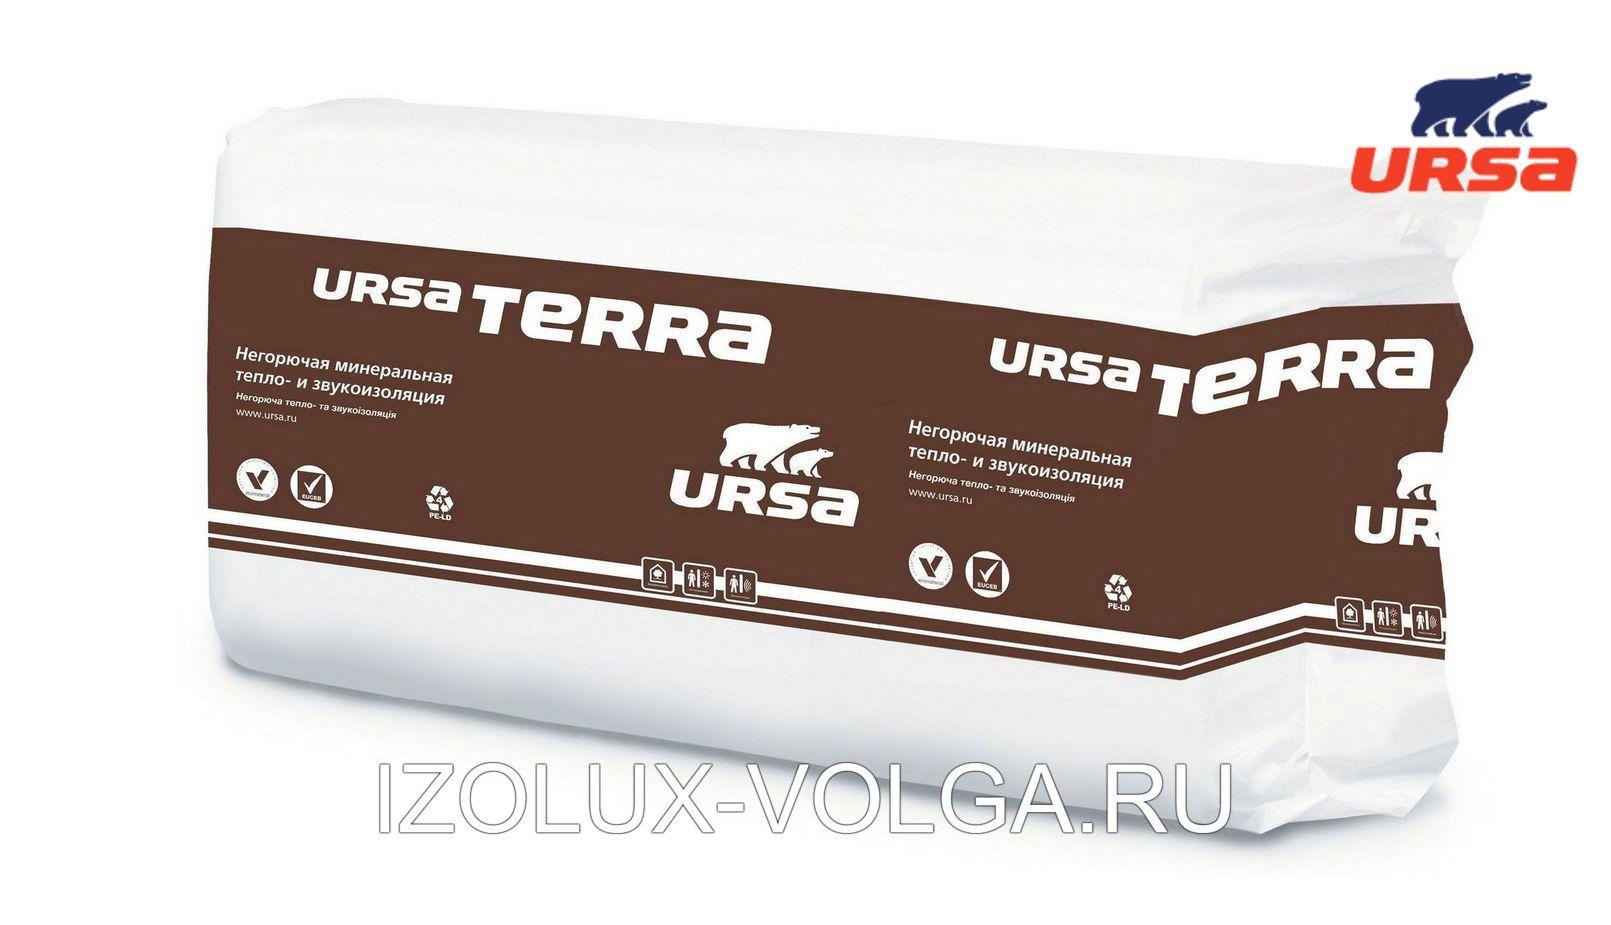 Утеплитель URSA TERRA 37 PN 1250х610х100мм 10 плит